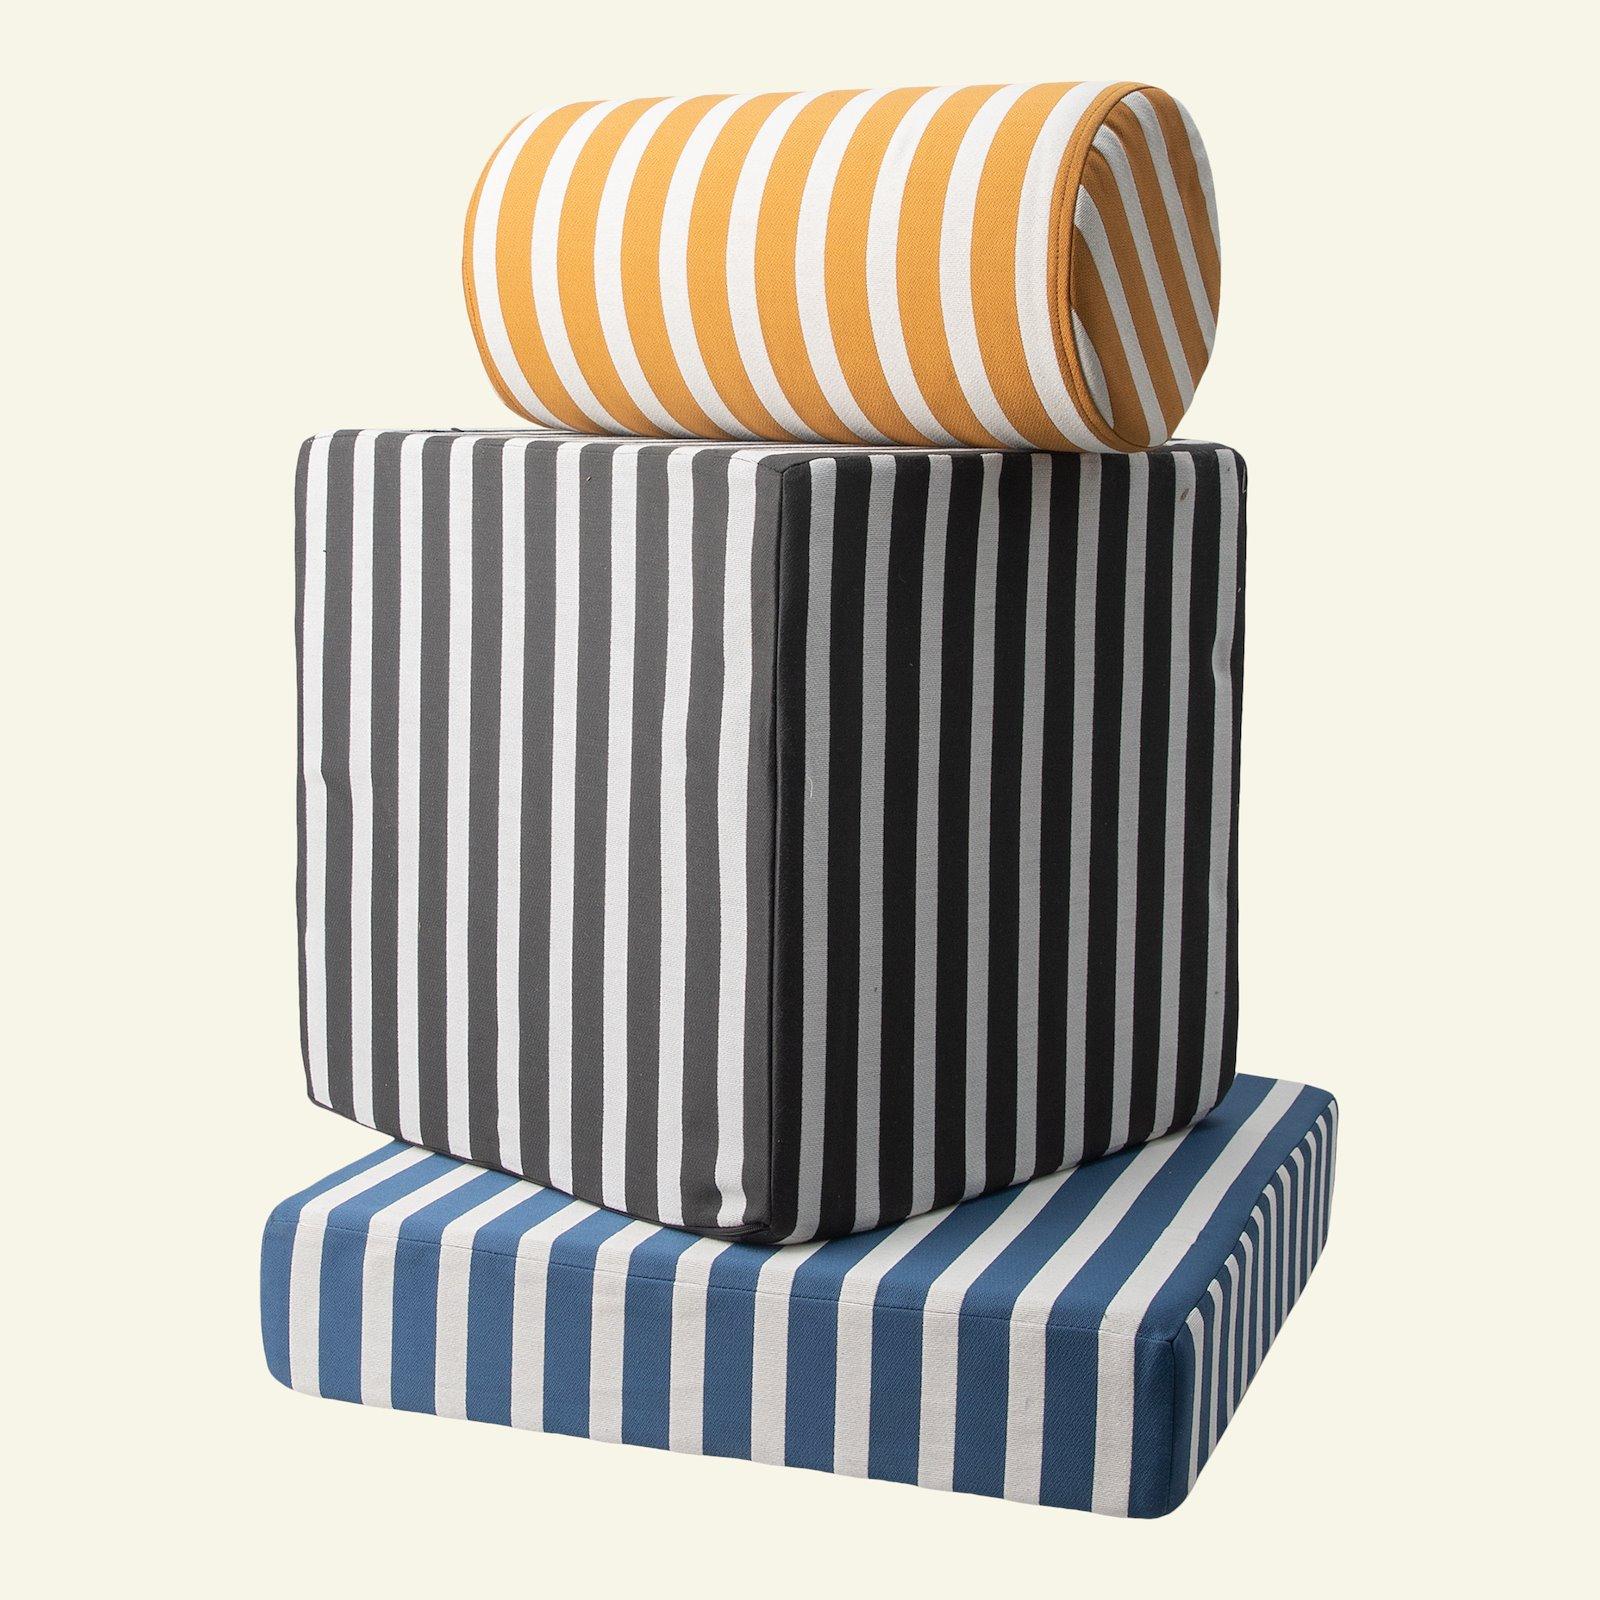 Jacquard yarn dyed black/white stripe 824064_p1000000674_824065_824066_sskit